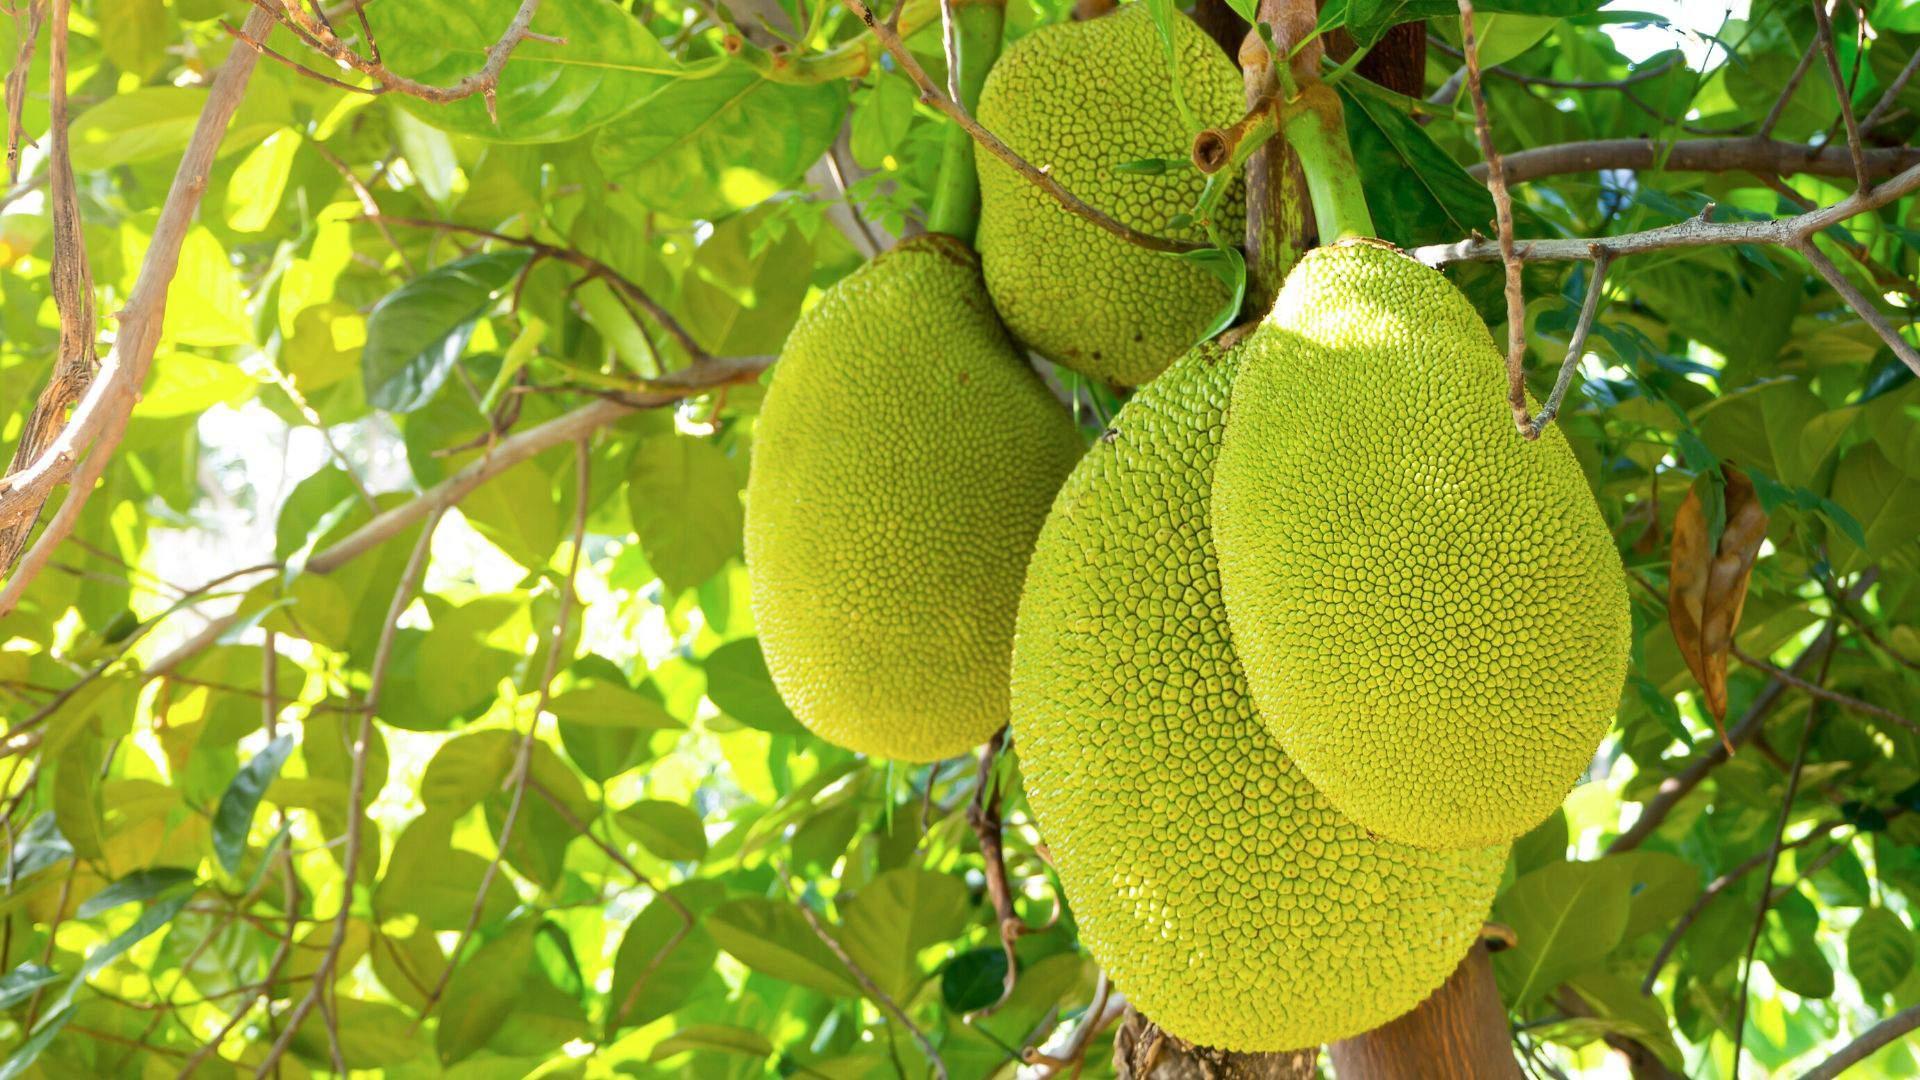 Poilsiaudami Jamaikoje paragaukite egzotiškojo duonvaisio